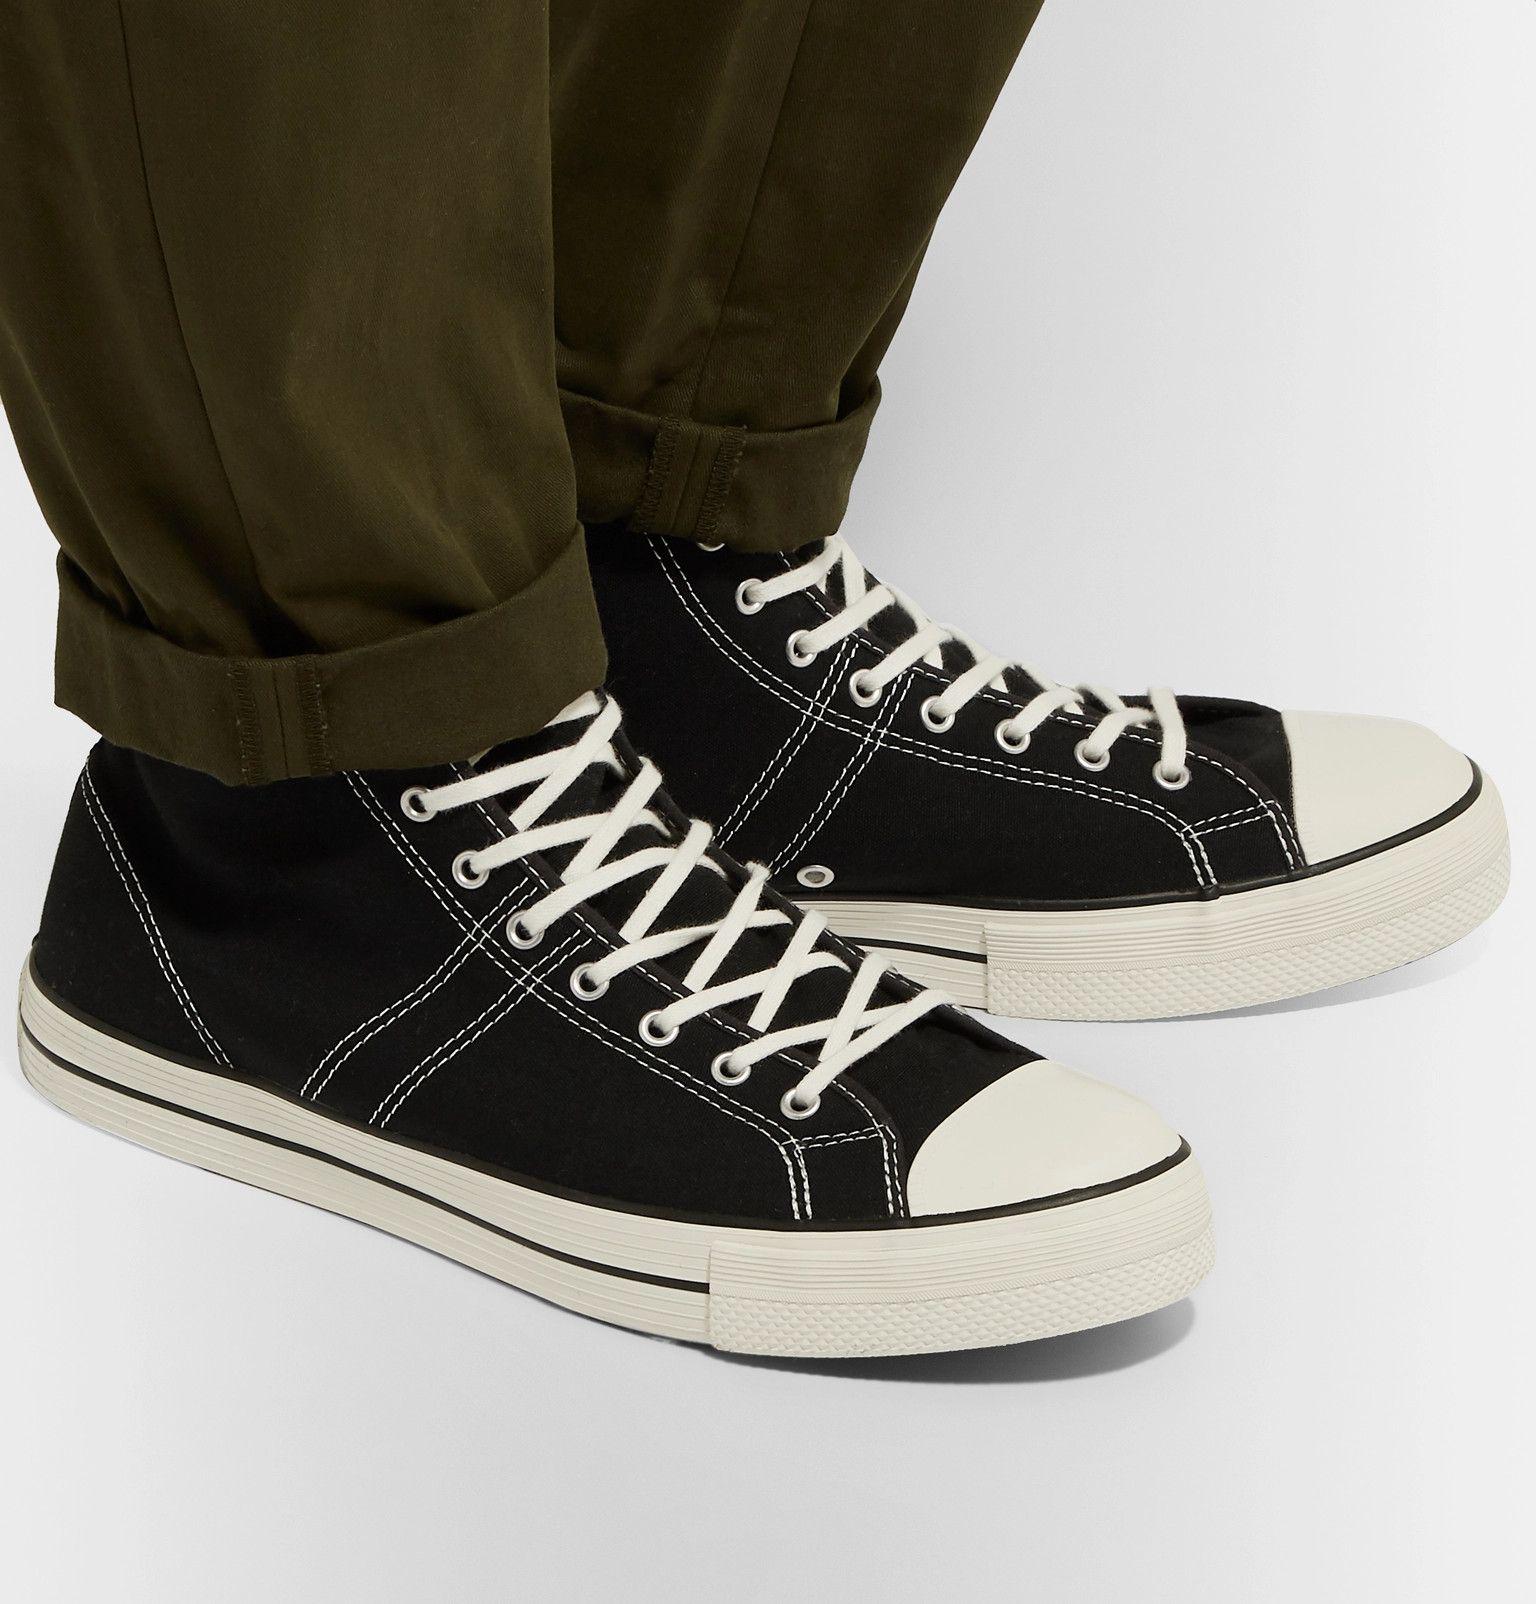 CONVERSE LUCKY STAR CANVAS HIGH. #converse #shoes